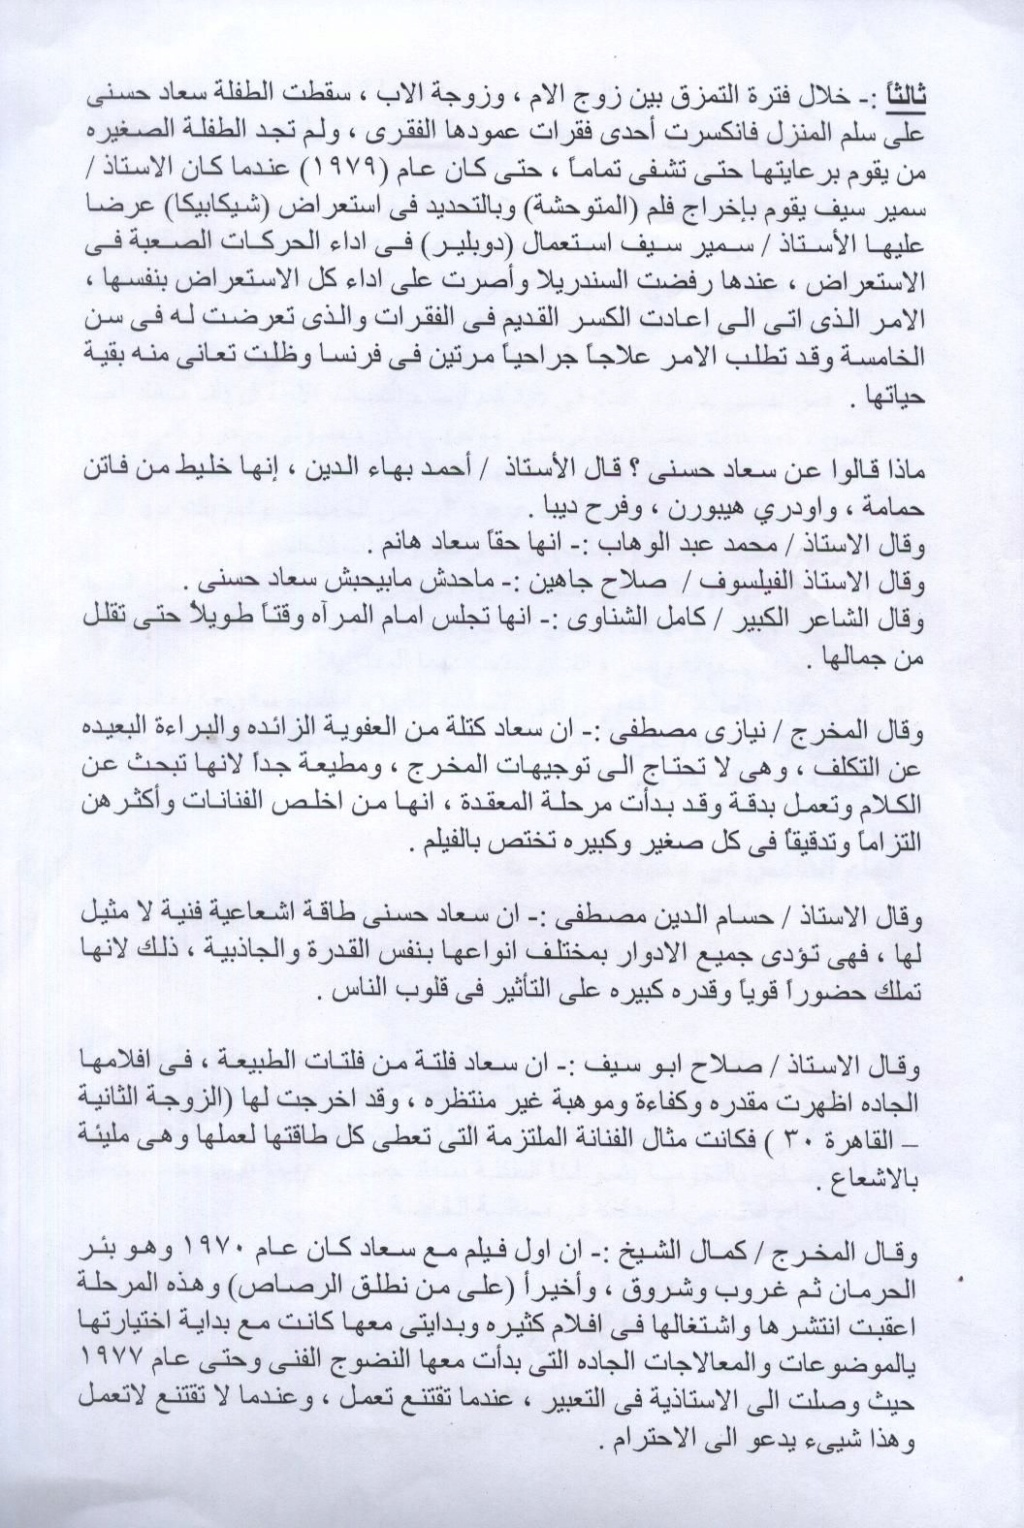 مقال صحفي : قصة حياة سعاد حسني .. مأخوذة من أحد الكتب 2006 (؟) م 2259